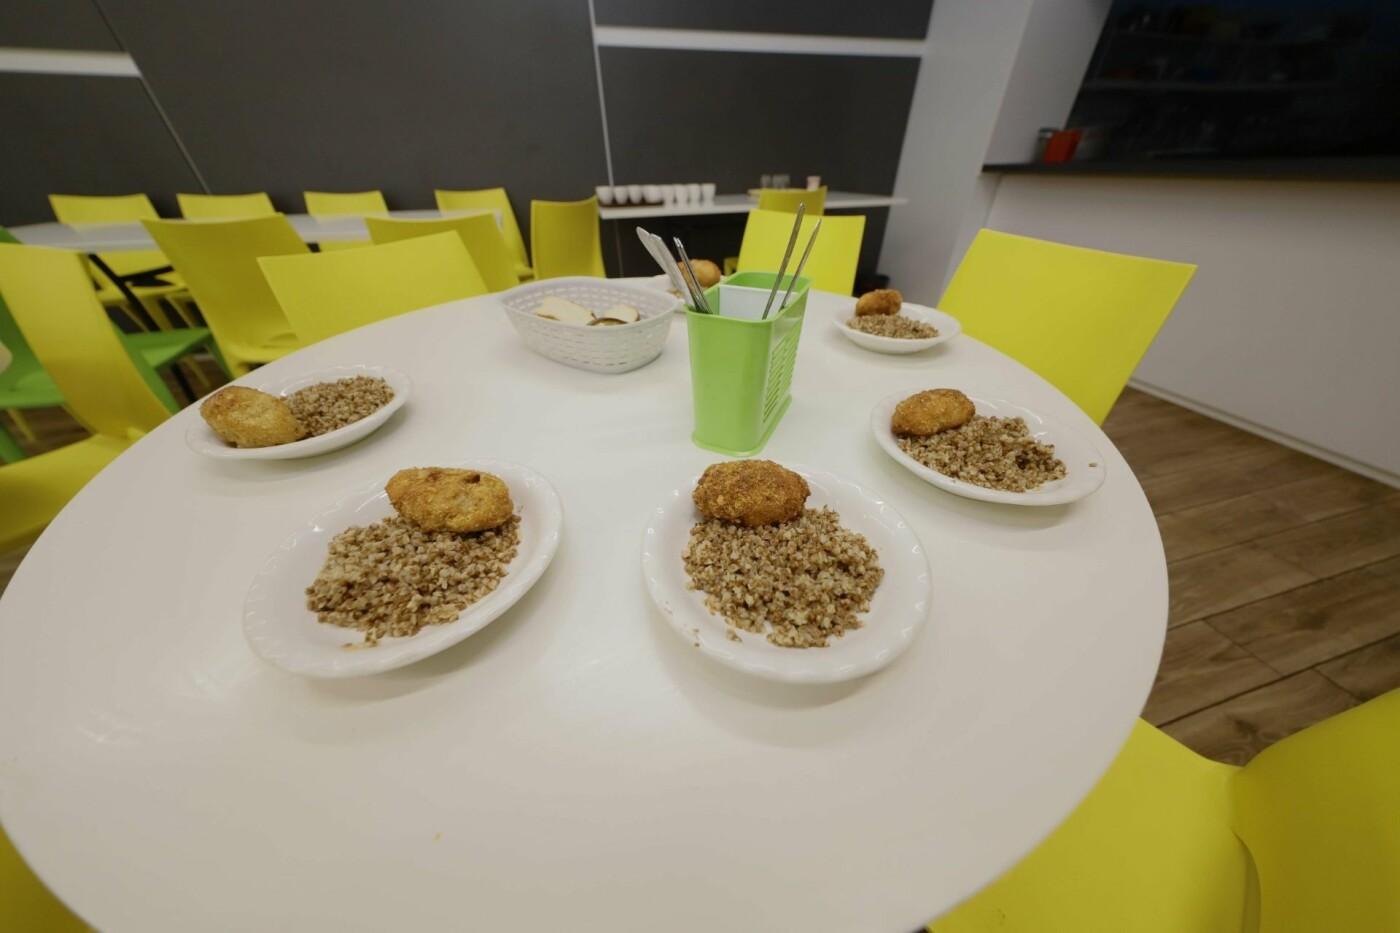 Шведский стол и английский стиль: как кормят школьников в Днепре, - ФОТО, фото-2